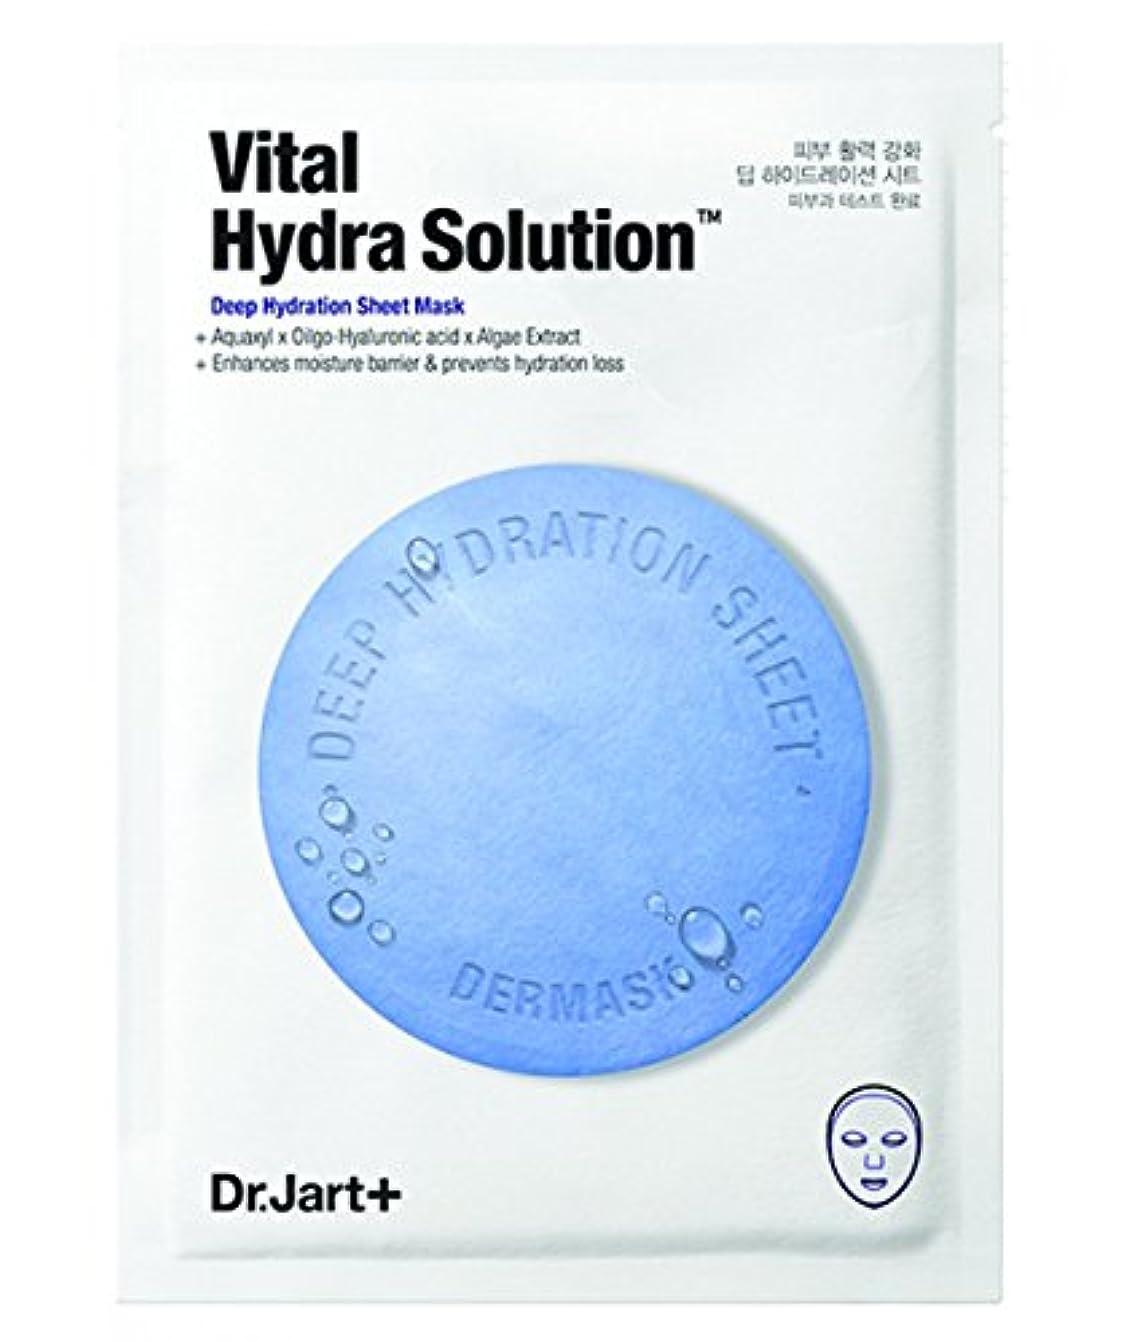 平凡羊福祉Dr.Jart+ Dermask Vital Hydra Solution Deep Hydration Sheet Mask (25g × 5ea)/ドクタージャルト ダーマスク バイタル ハイドラ ソリューション ディープ...